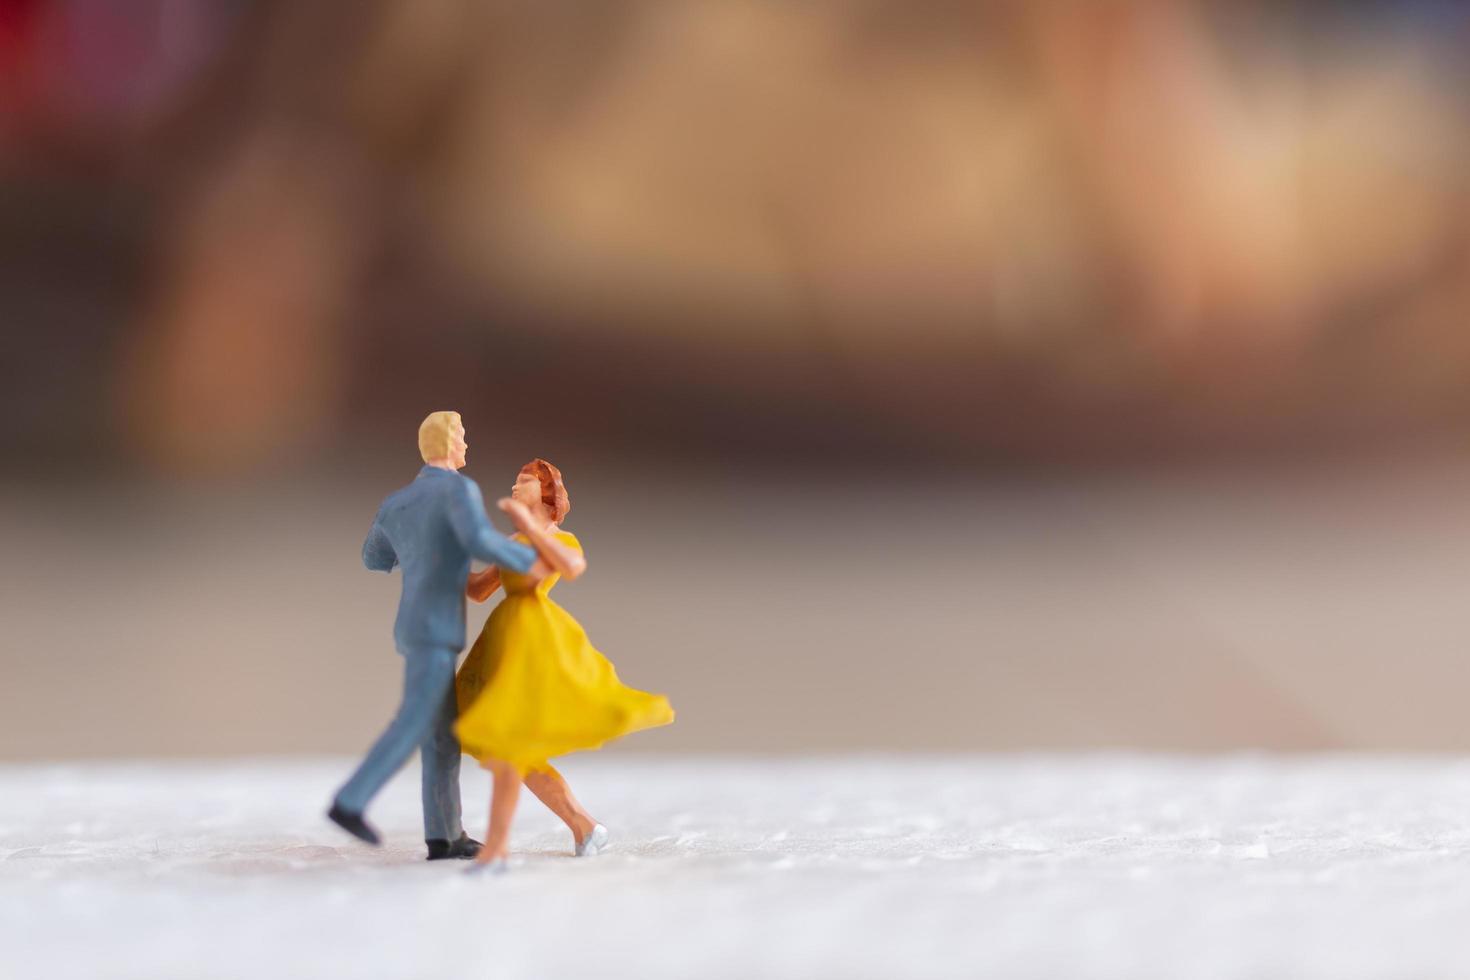 Pareja en miniatura bailando en un piso, concepto de día de San Valentín foto